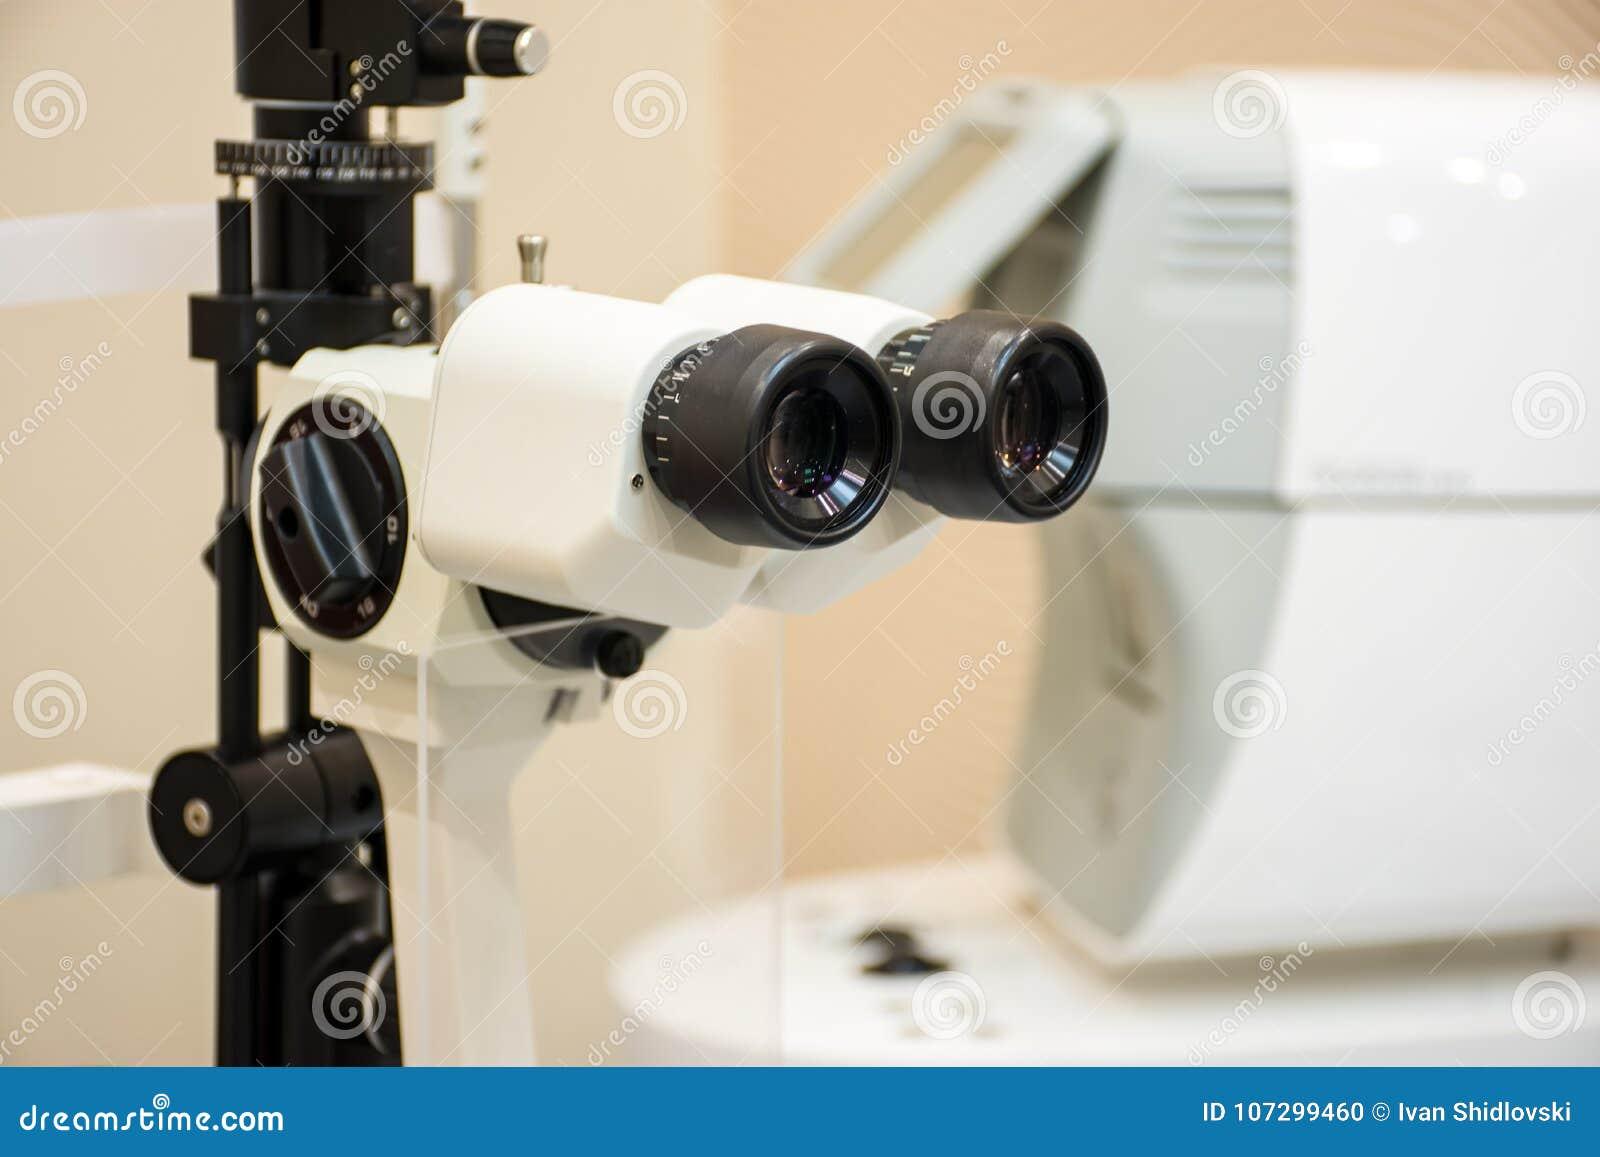 Raje la lámpara en la oficina de diagnóstico del equipamiento médico microscópico de diagnóstico de Ophthalmic del oftalmólogo de